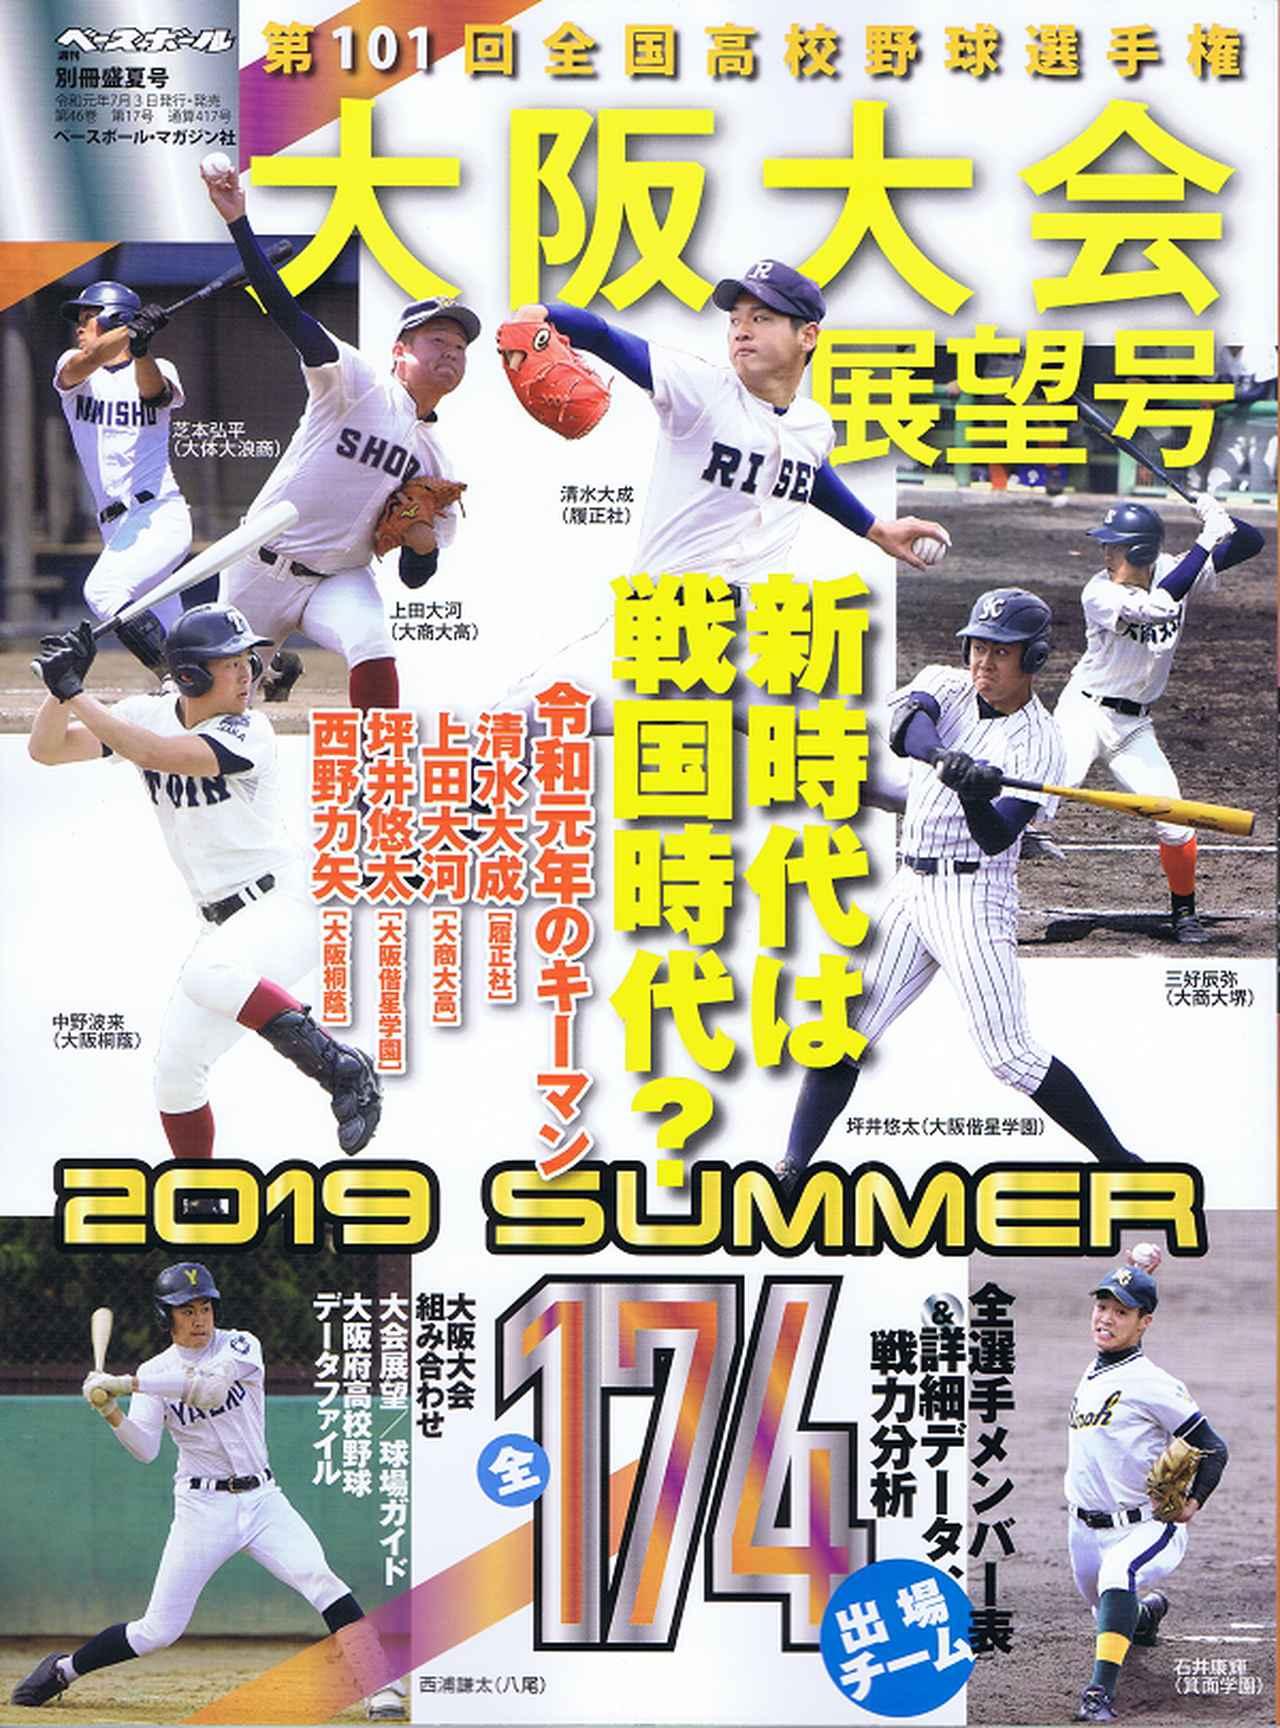 野球 大会 府 高校 大阪